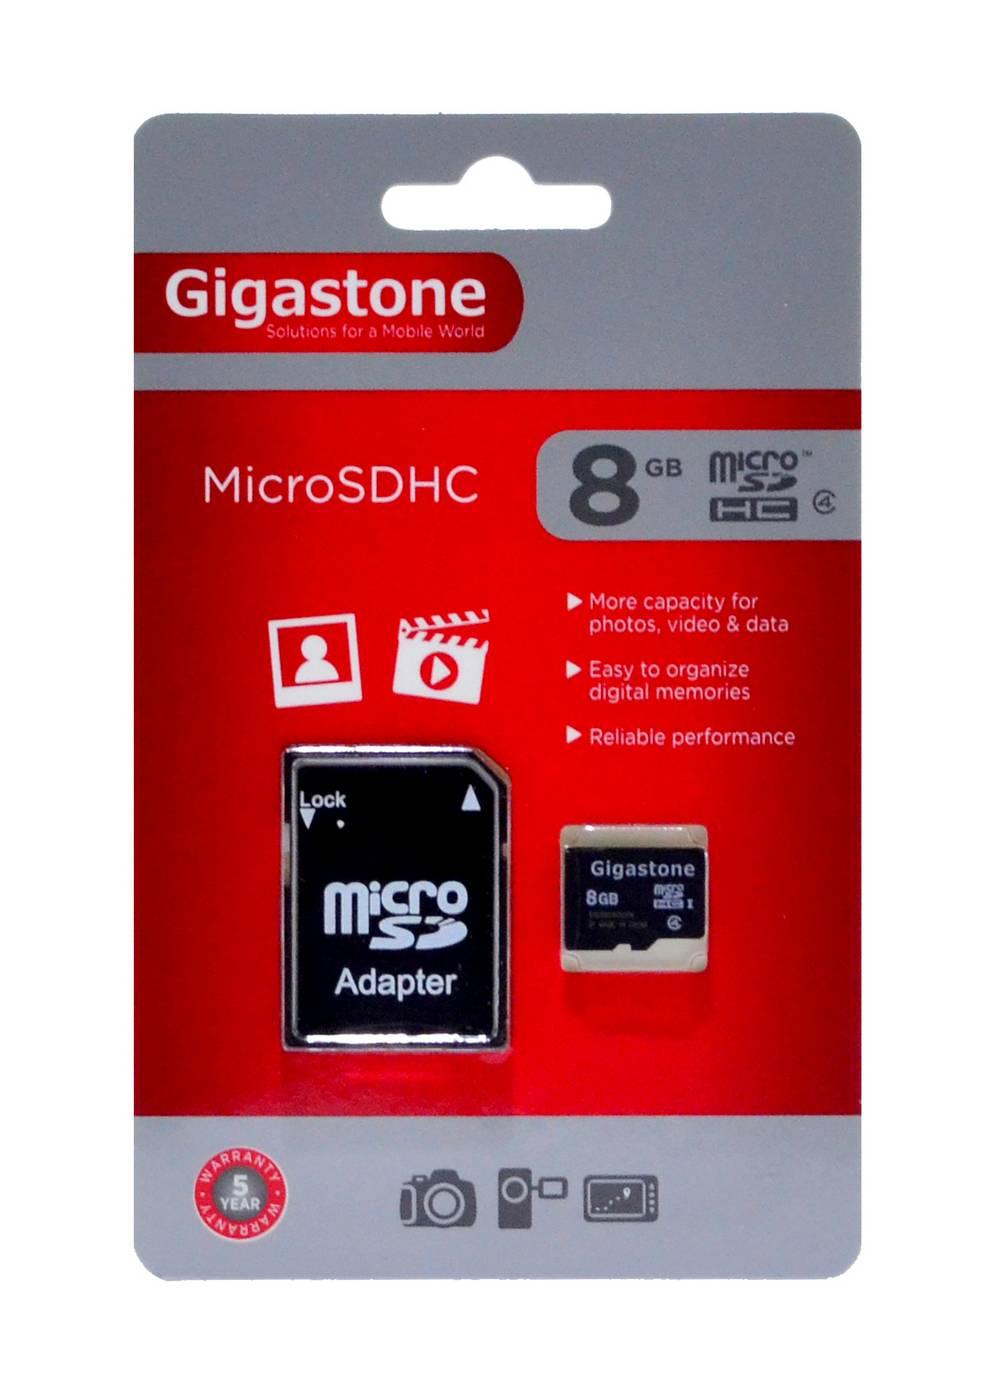 Κάρτα Μνήμης Gigastone MicroSDHC 8GB Class 4 με SD Αντάπτορα